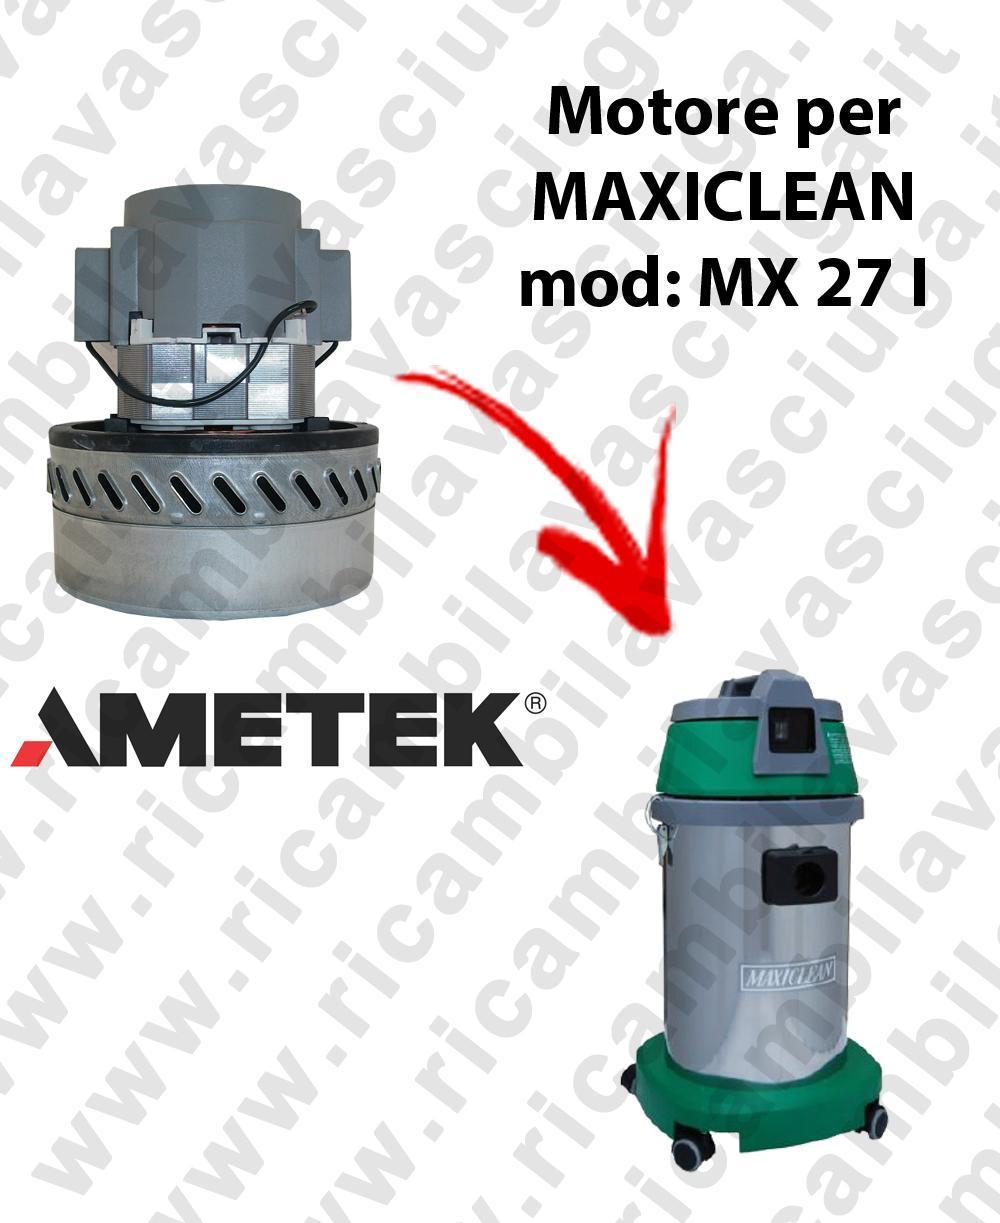 MX 27 I Motore de aspiración AMETEK para aspiradora y aspiradora húmeda MAXICLEAN